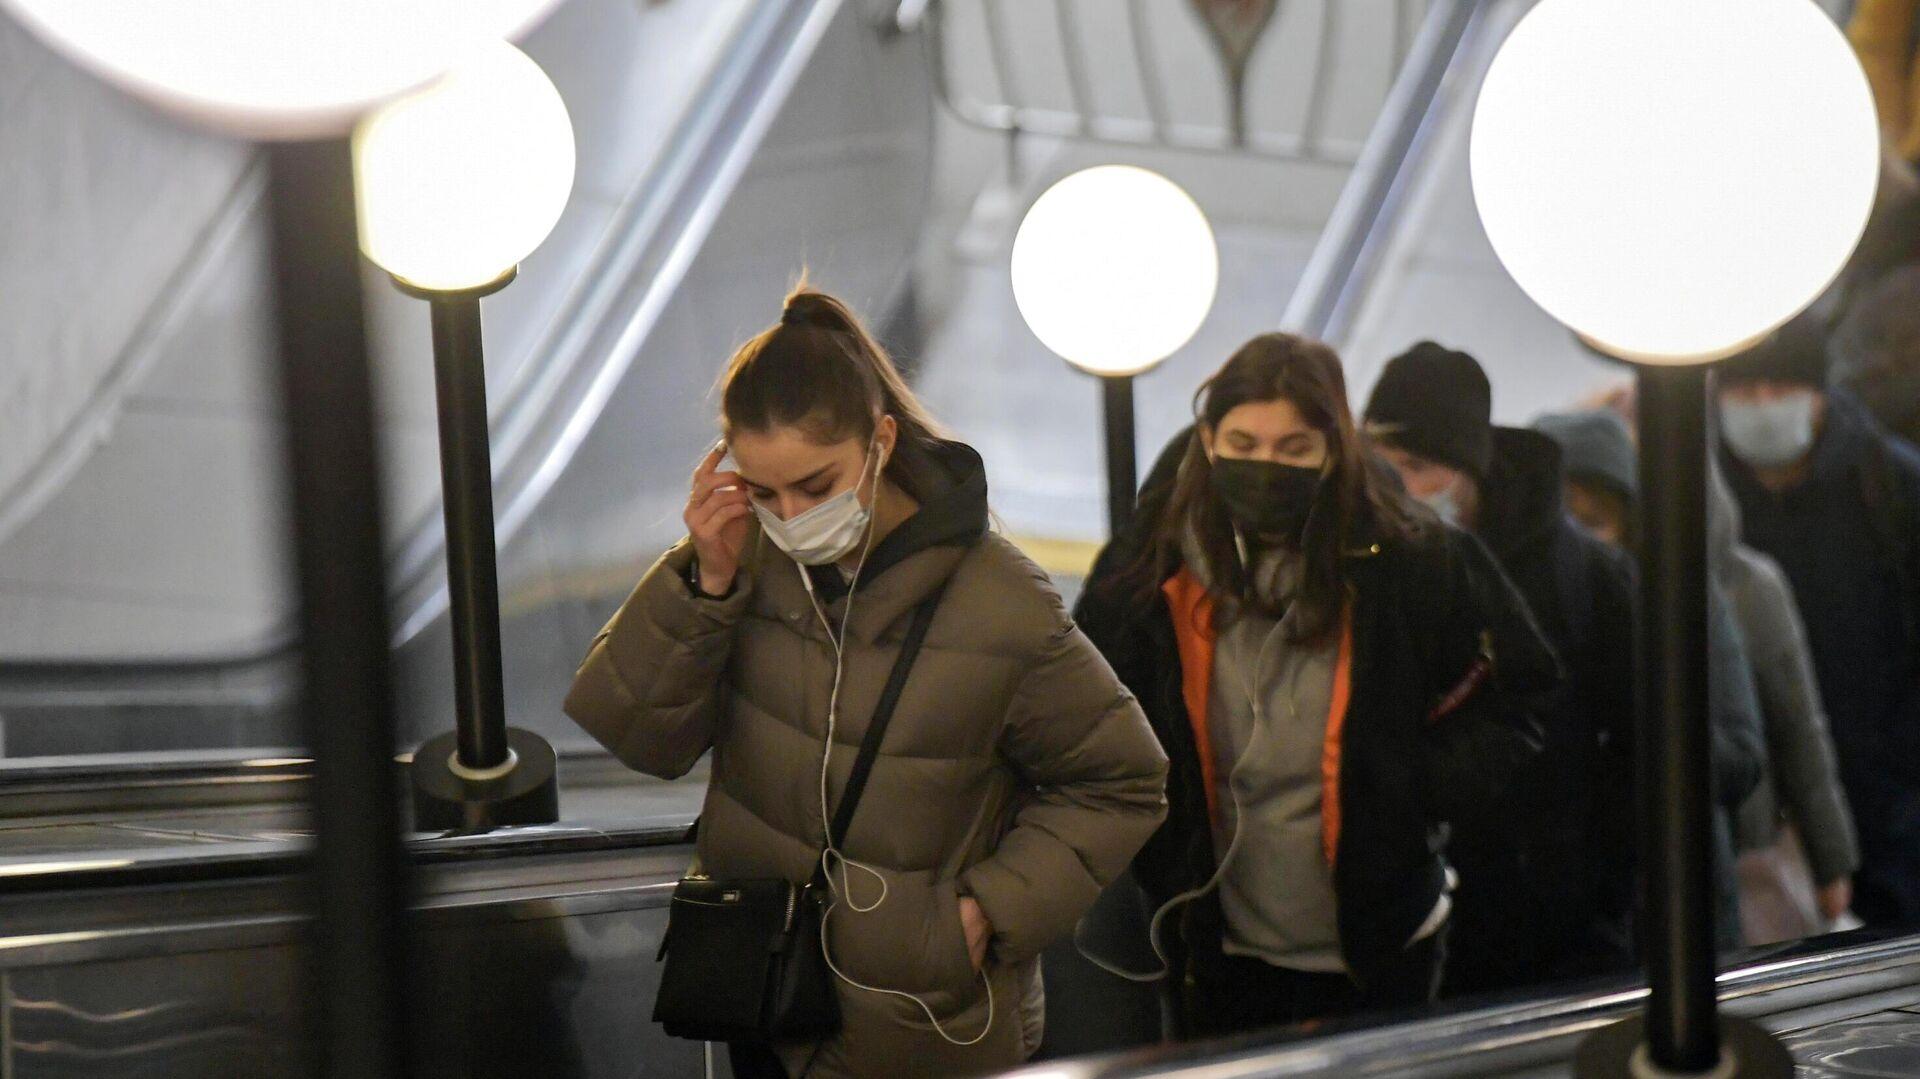 Пассажиры в защитных масках на эскалаторе в московском метрополитене - РИА Новости, 1920, 26.02.2021